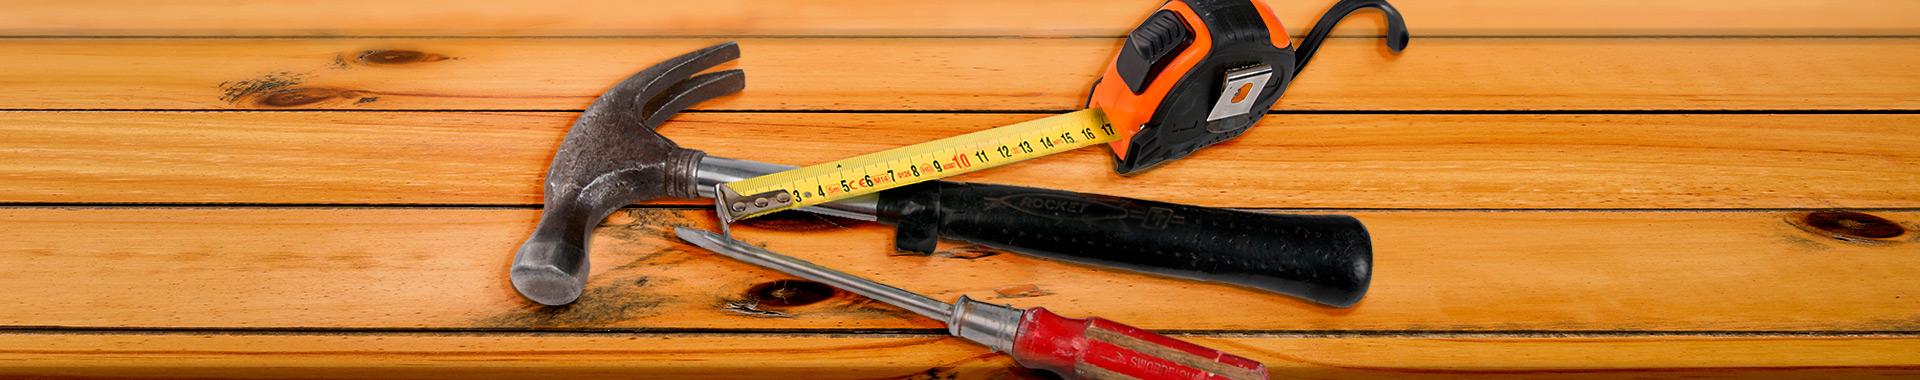 Työkalut pöydällä